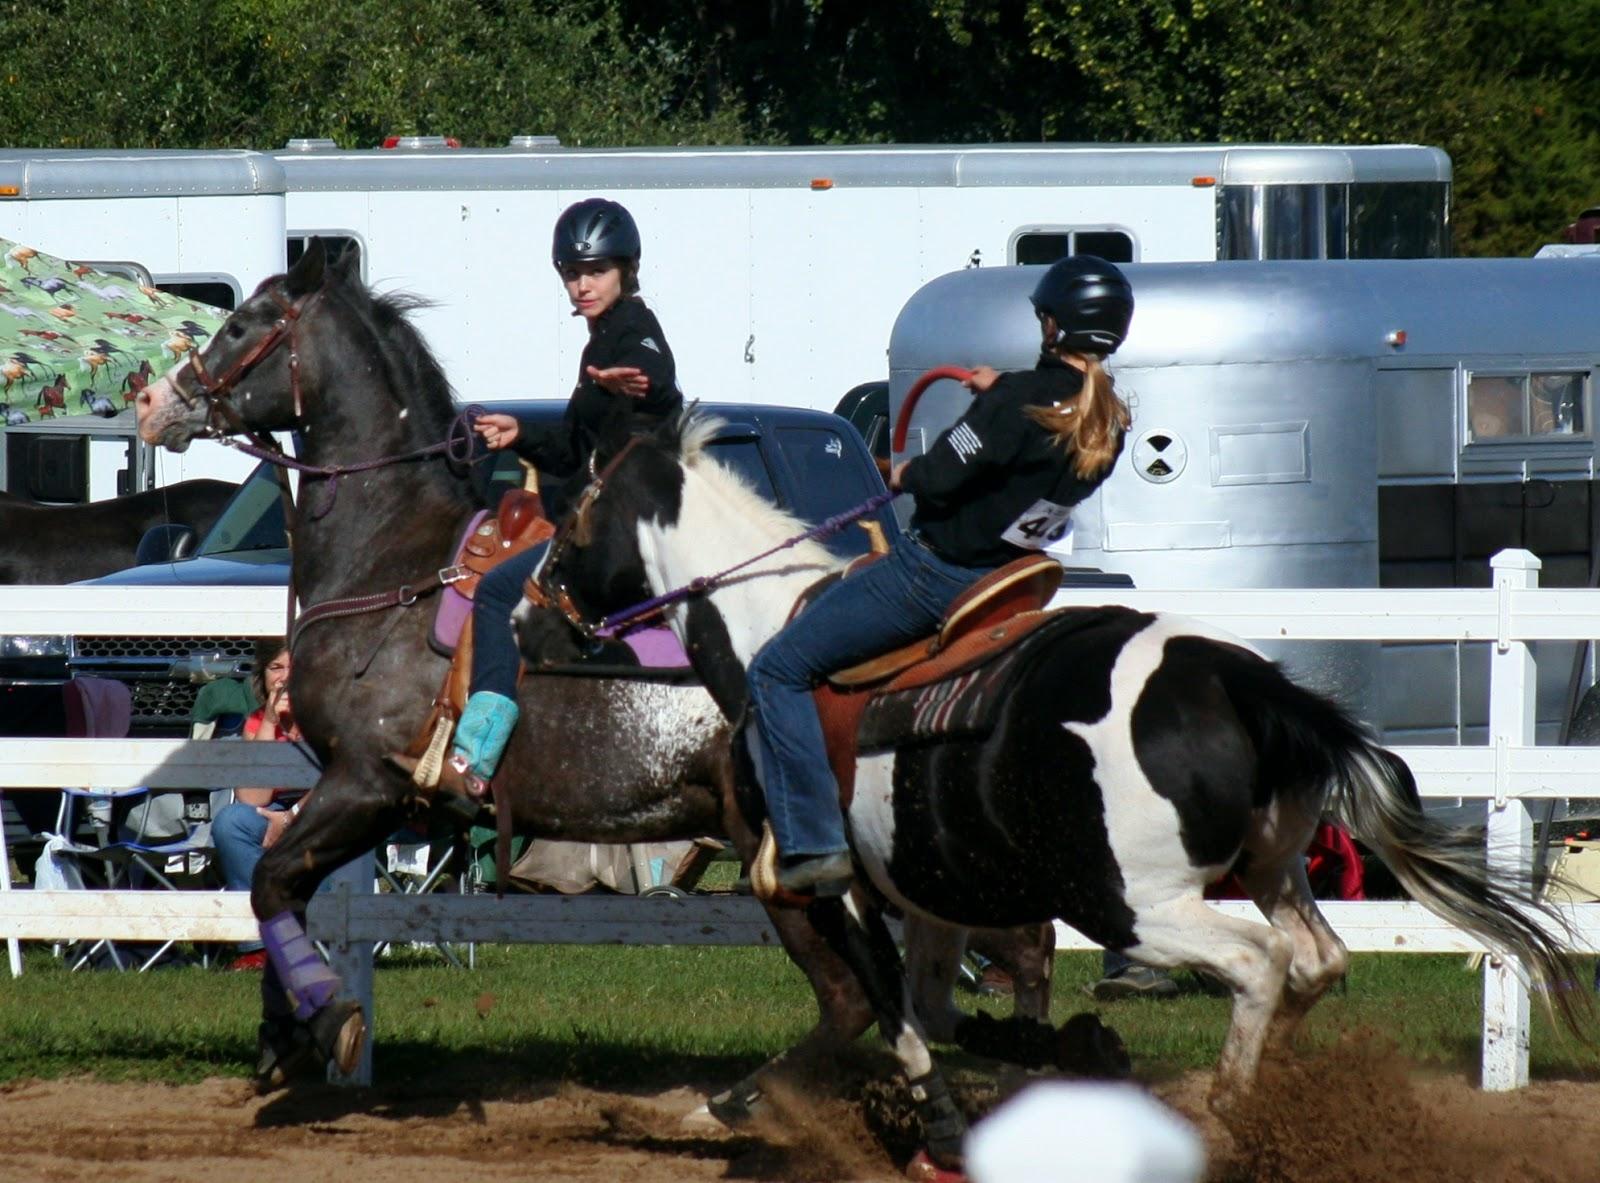 Sorry, milford high school equestrian team